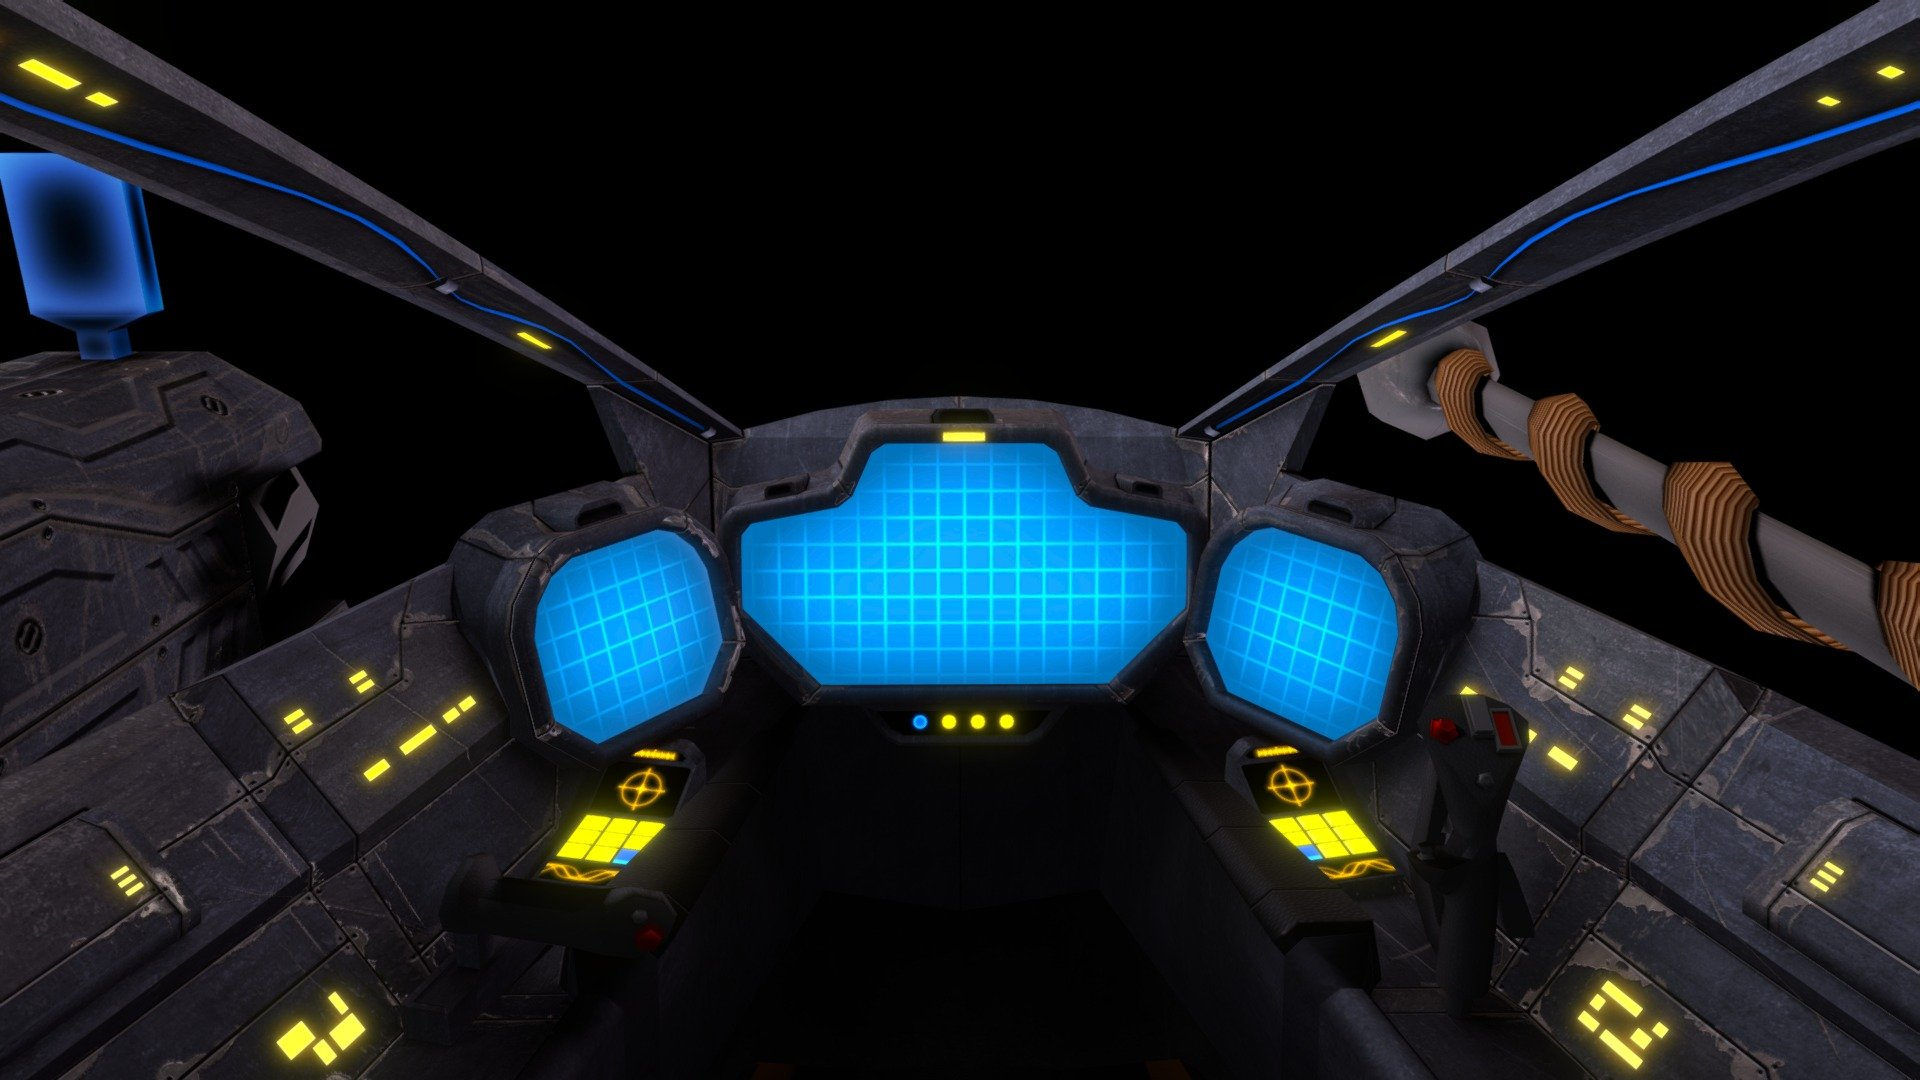 Spaceship Cockpit 3d Model By Mhoerter At Mhoerter